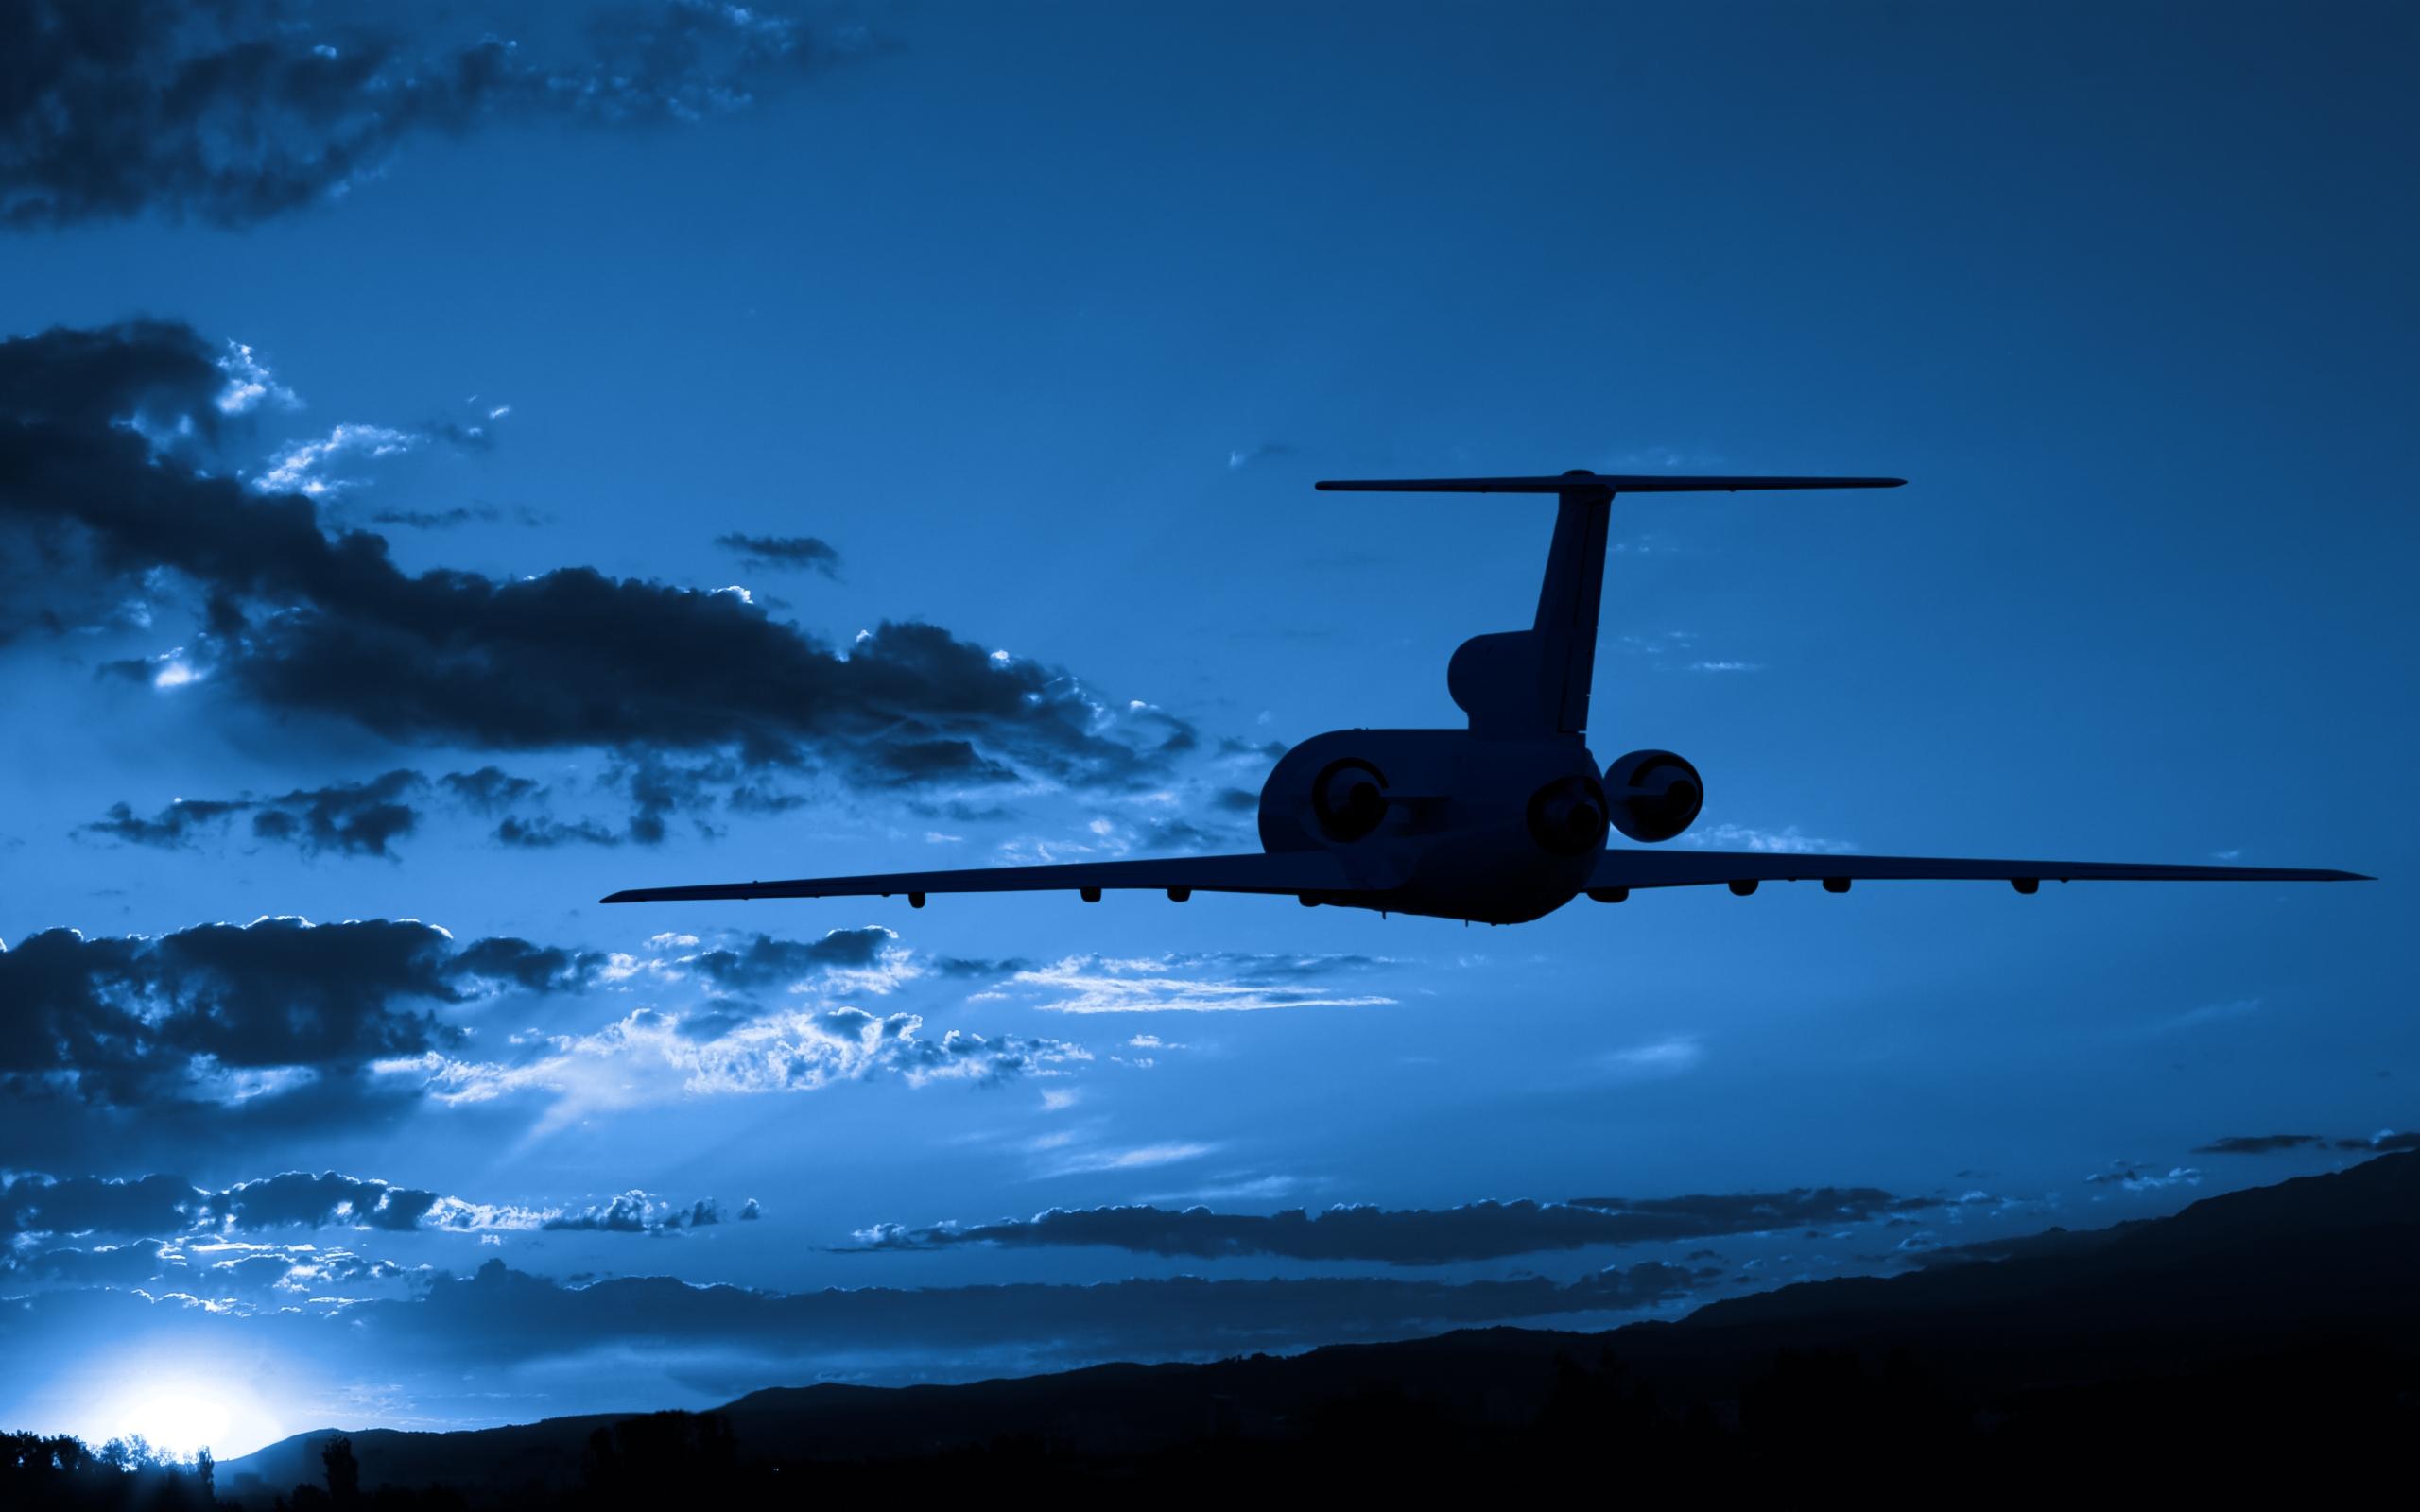 Фото самолетов в высоком разрешении